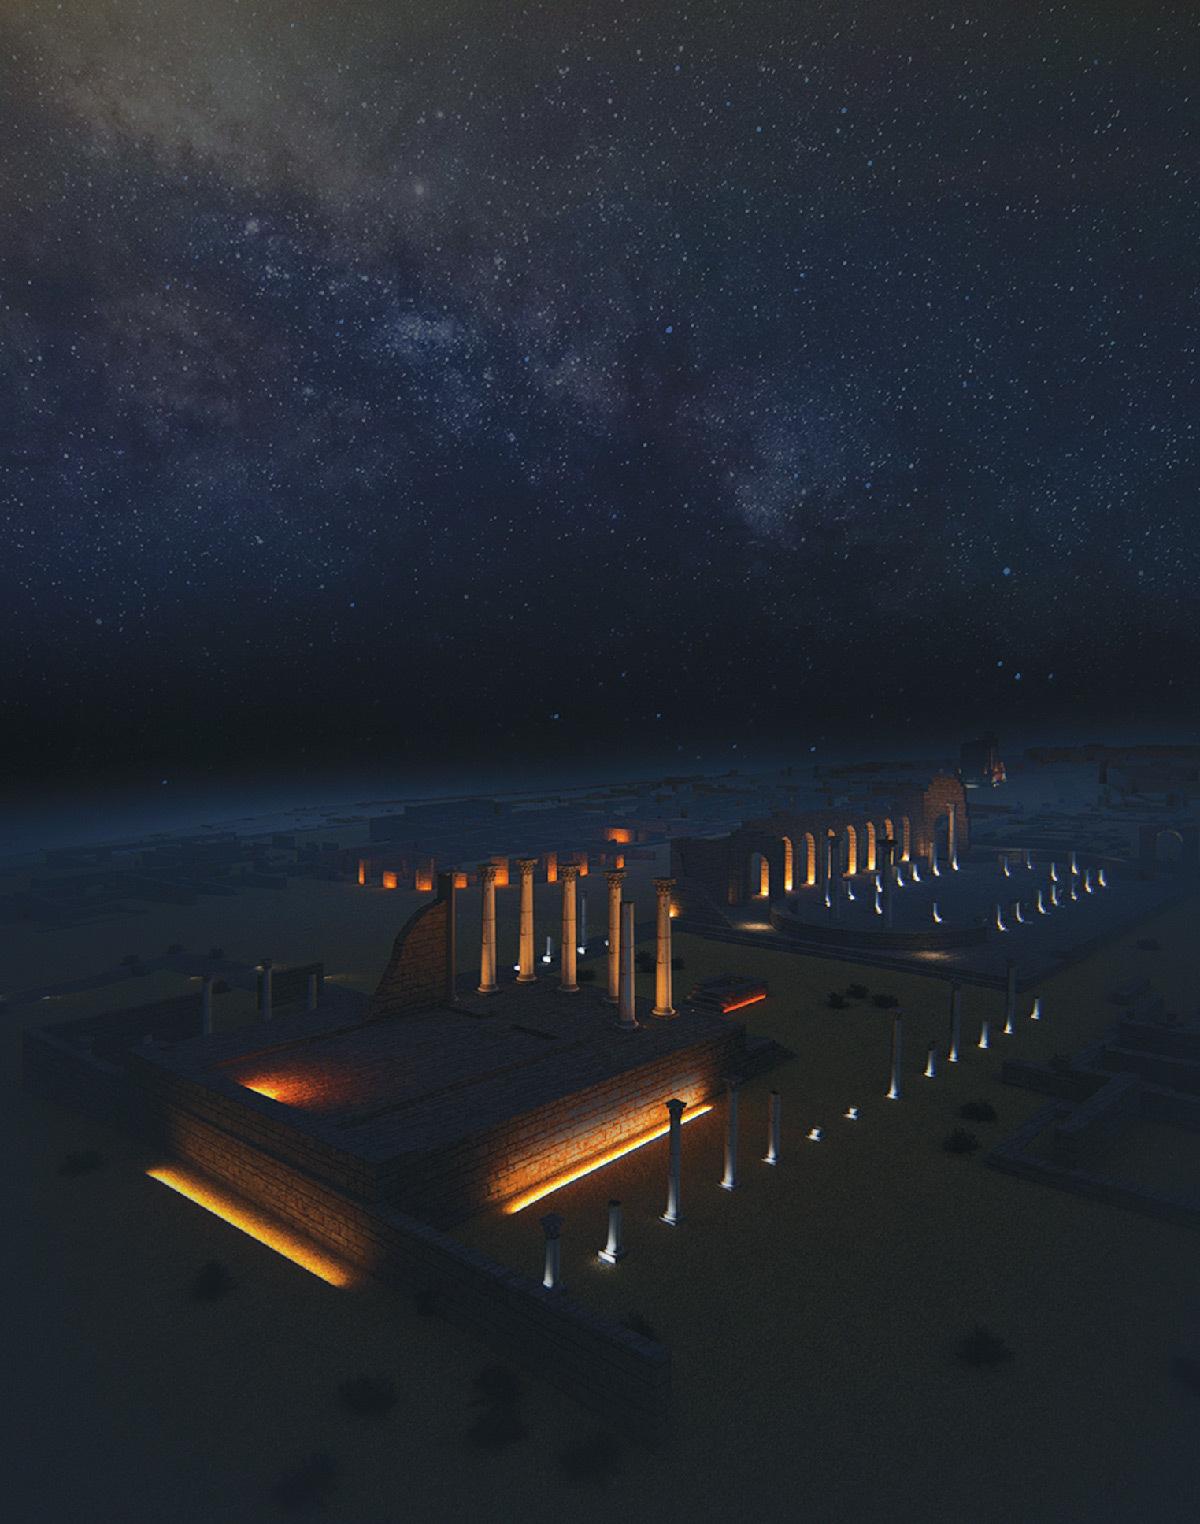 Simulation lumière, vue globale de la basilique et capitole, Volubilis, Maroc - Tifawine Light Contest, Illuminate, équipe 14 © Mahmoud Ramdane et Soukaina Kssili